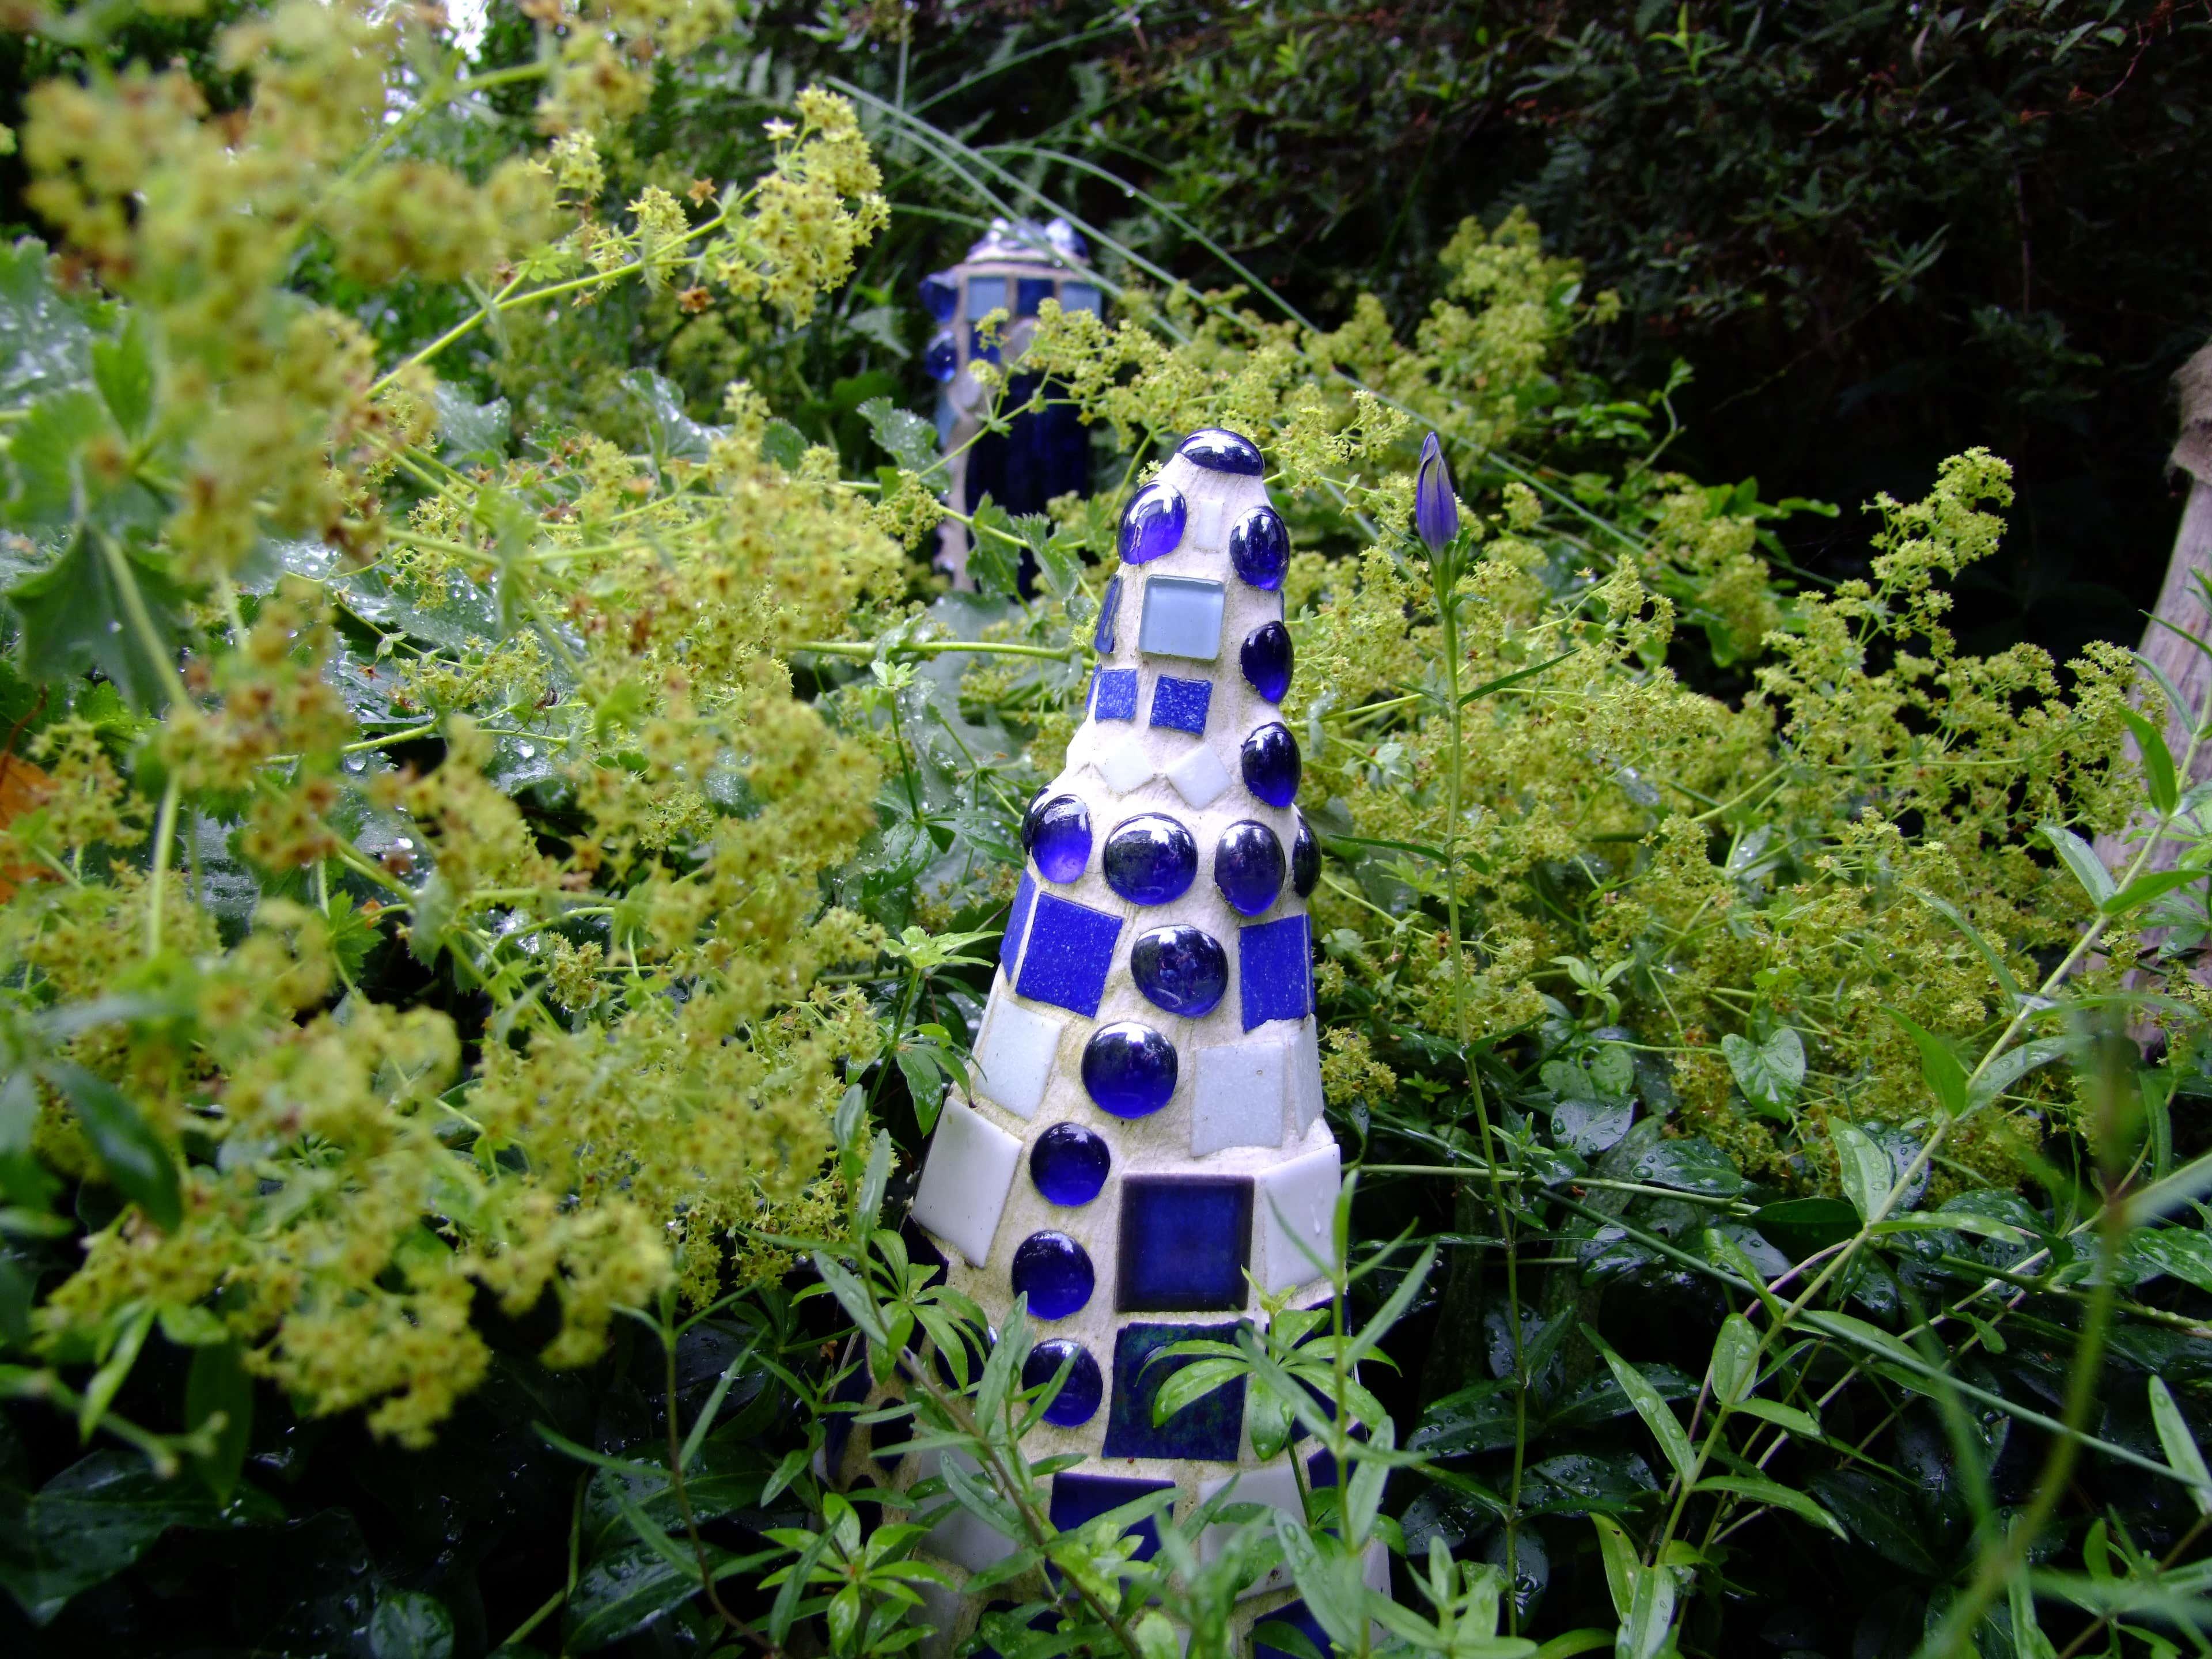 Überraschung – ein Mosaik-Kunstwerk! In den Sommermonaten muss man schon etwas genauer hinsehen, um die bunte Deko zu finden.